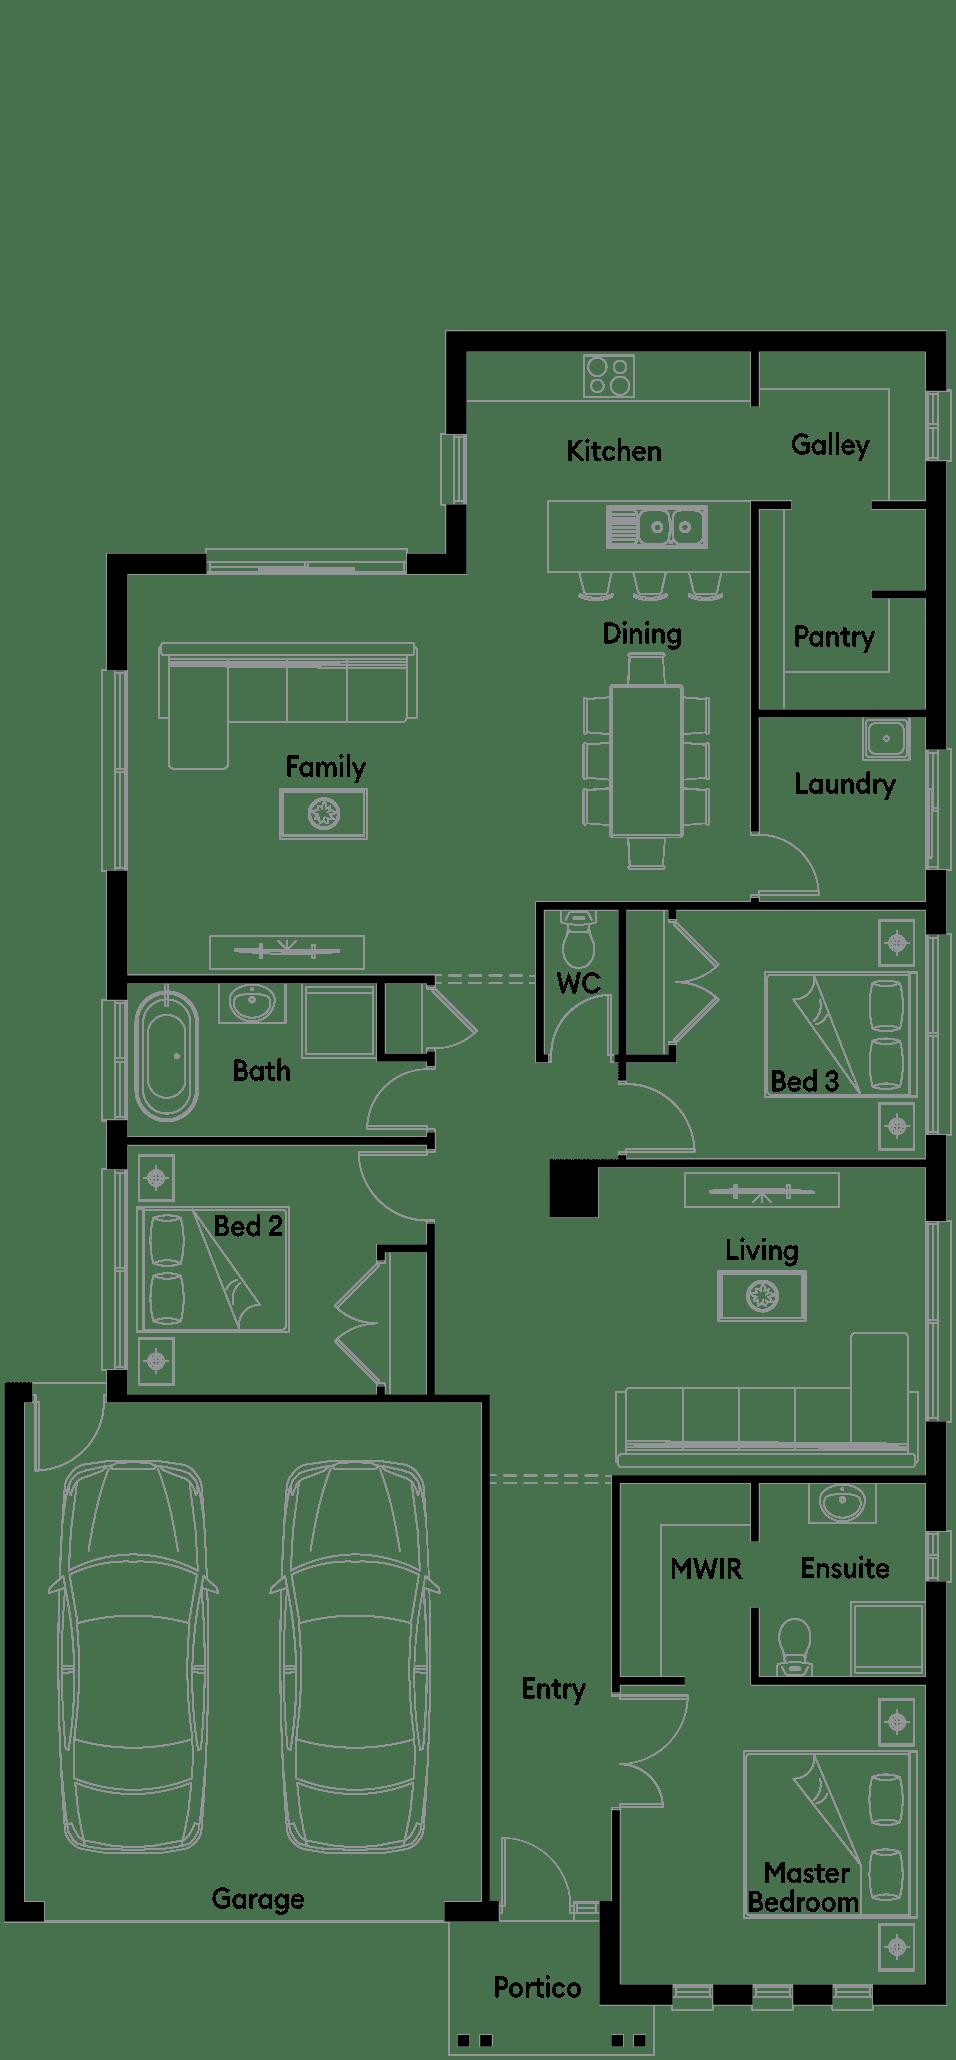 FloorPlan1_HOUSE763_Midland_21-2